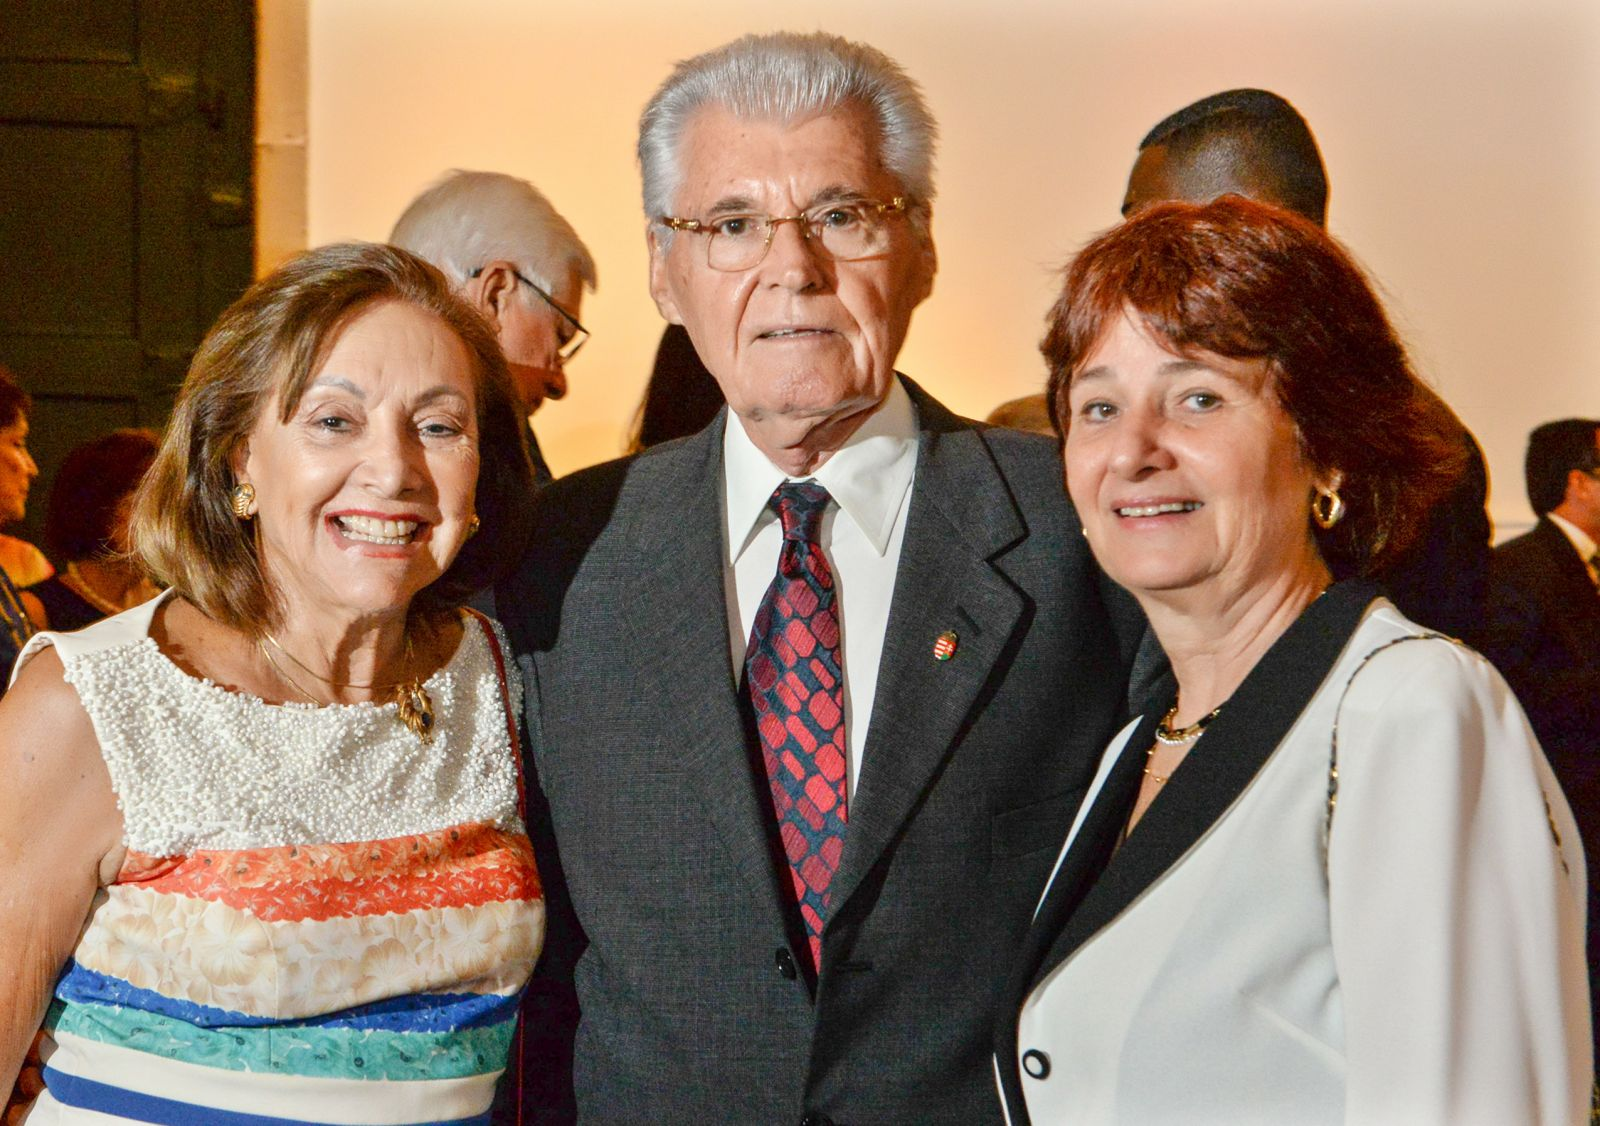 Margarida Luz, Geza Urmenyi(cônsul da República Checo e Ilde Urmenyi foram destaque em 2016.